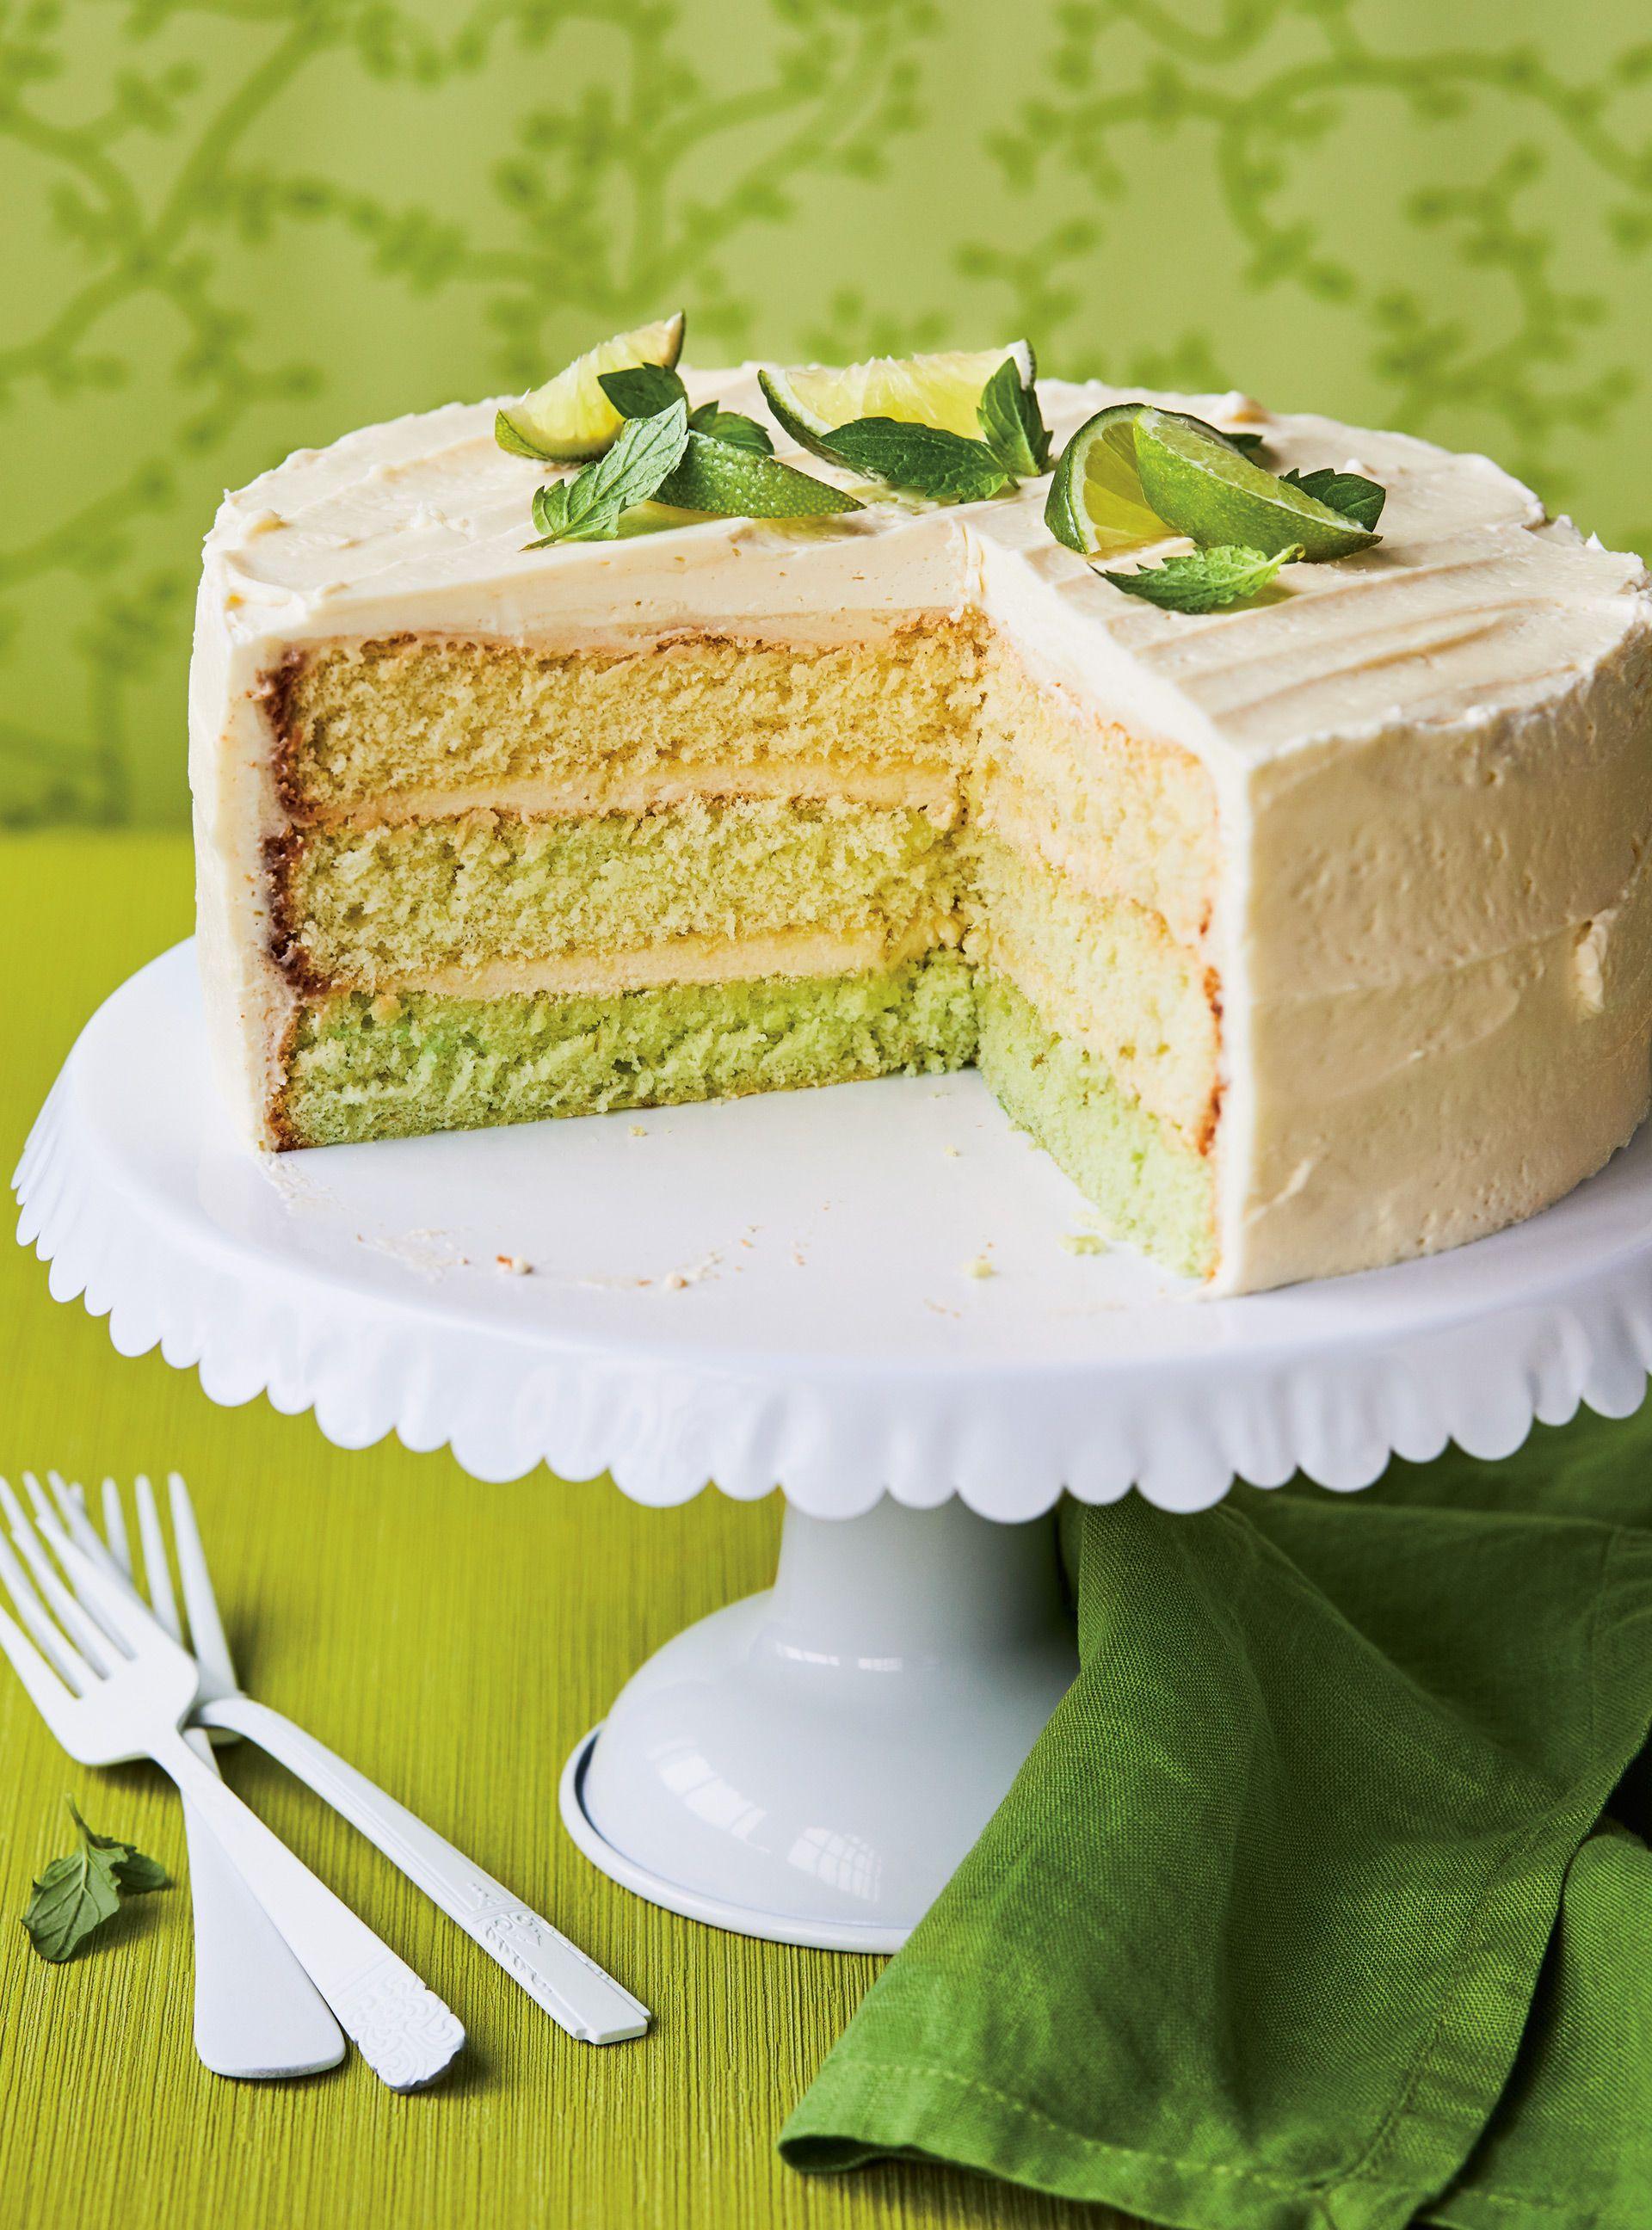 торт мохито рецепт с фото двенадцати